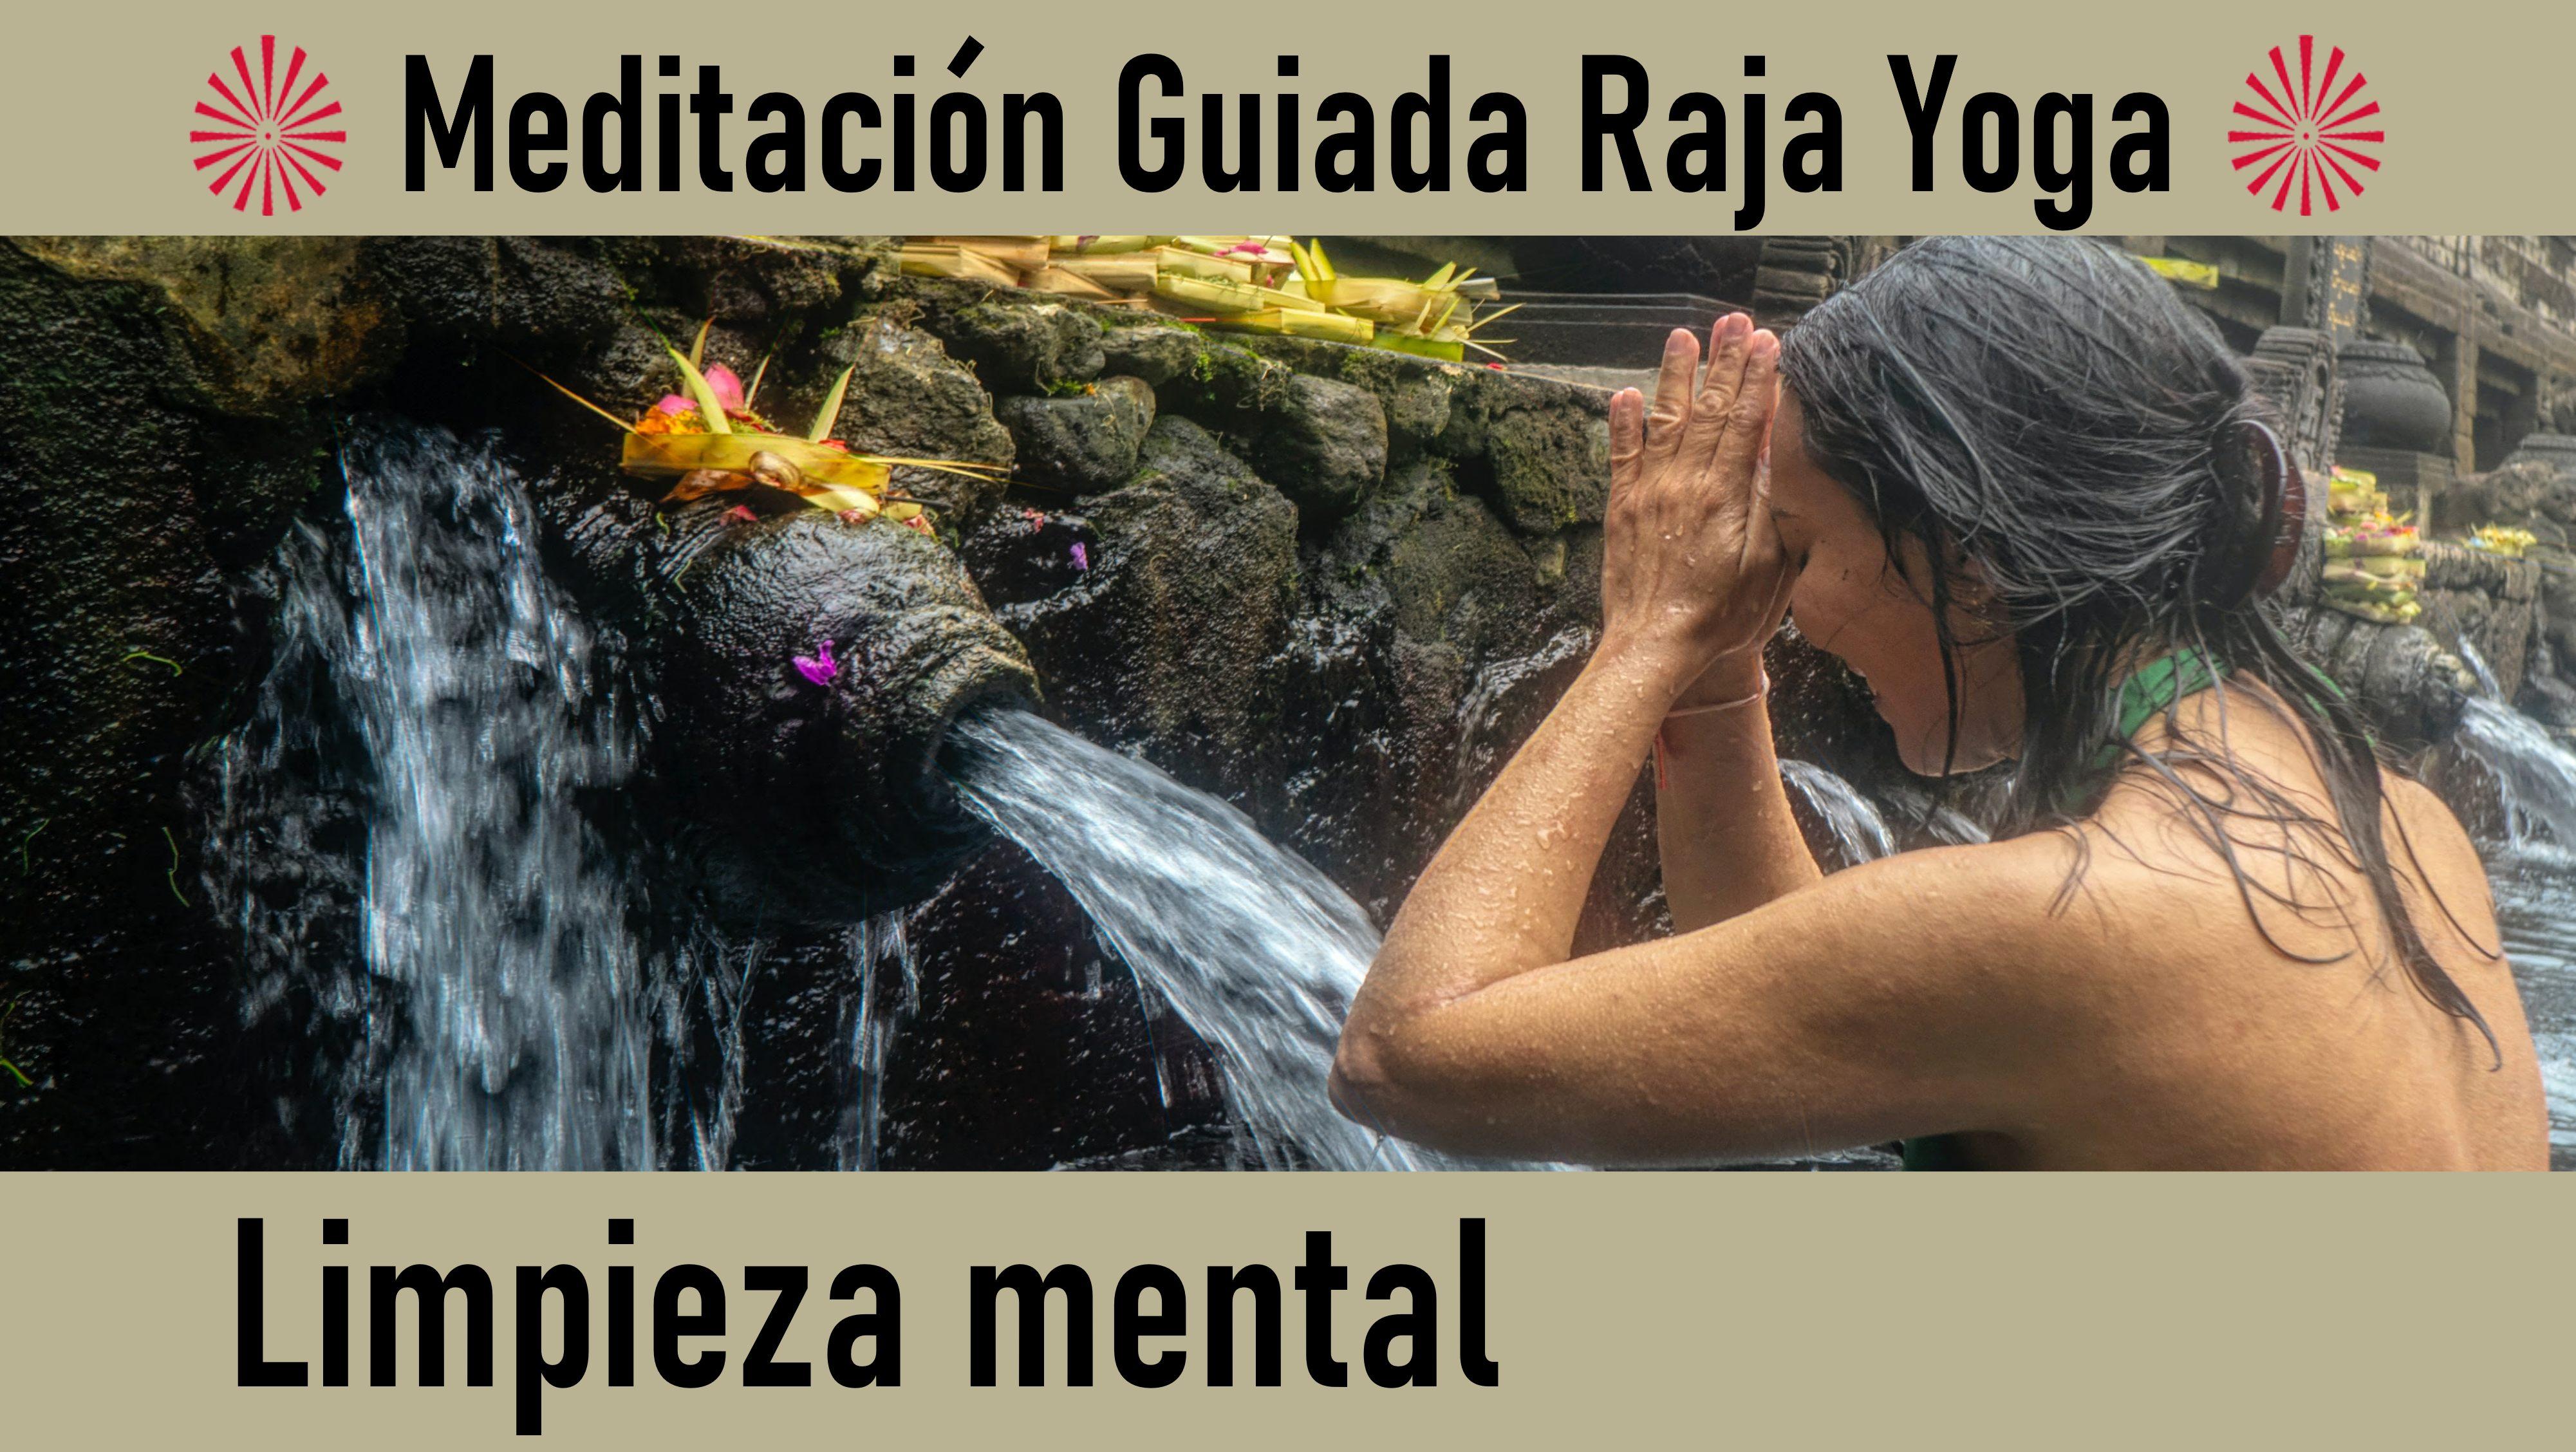 Meditación Raja Yoga: Limpieza mental (4 Septiembre 2020) On-line desde Madrid